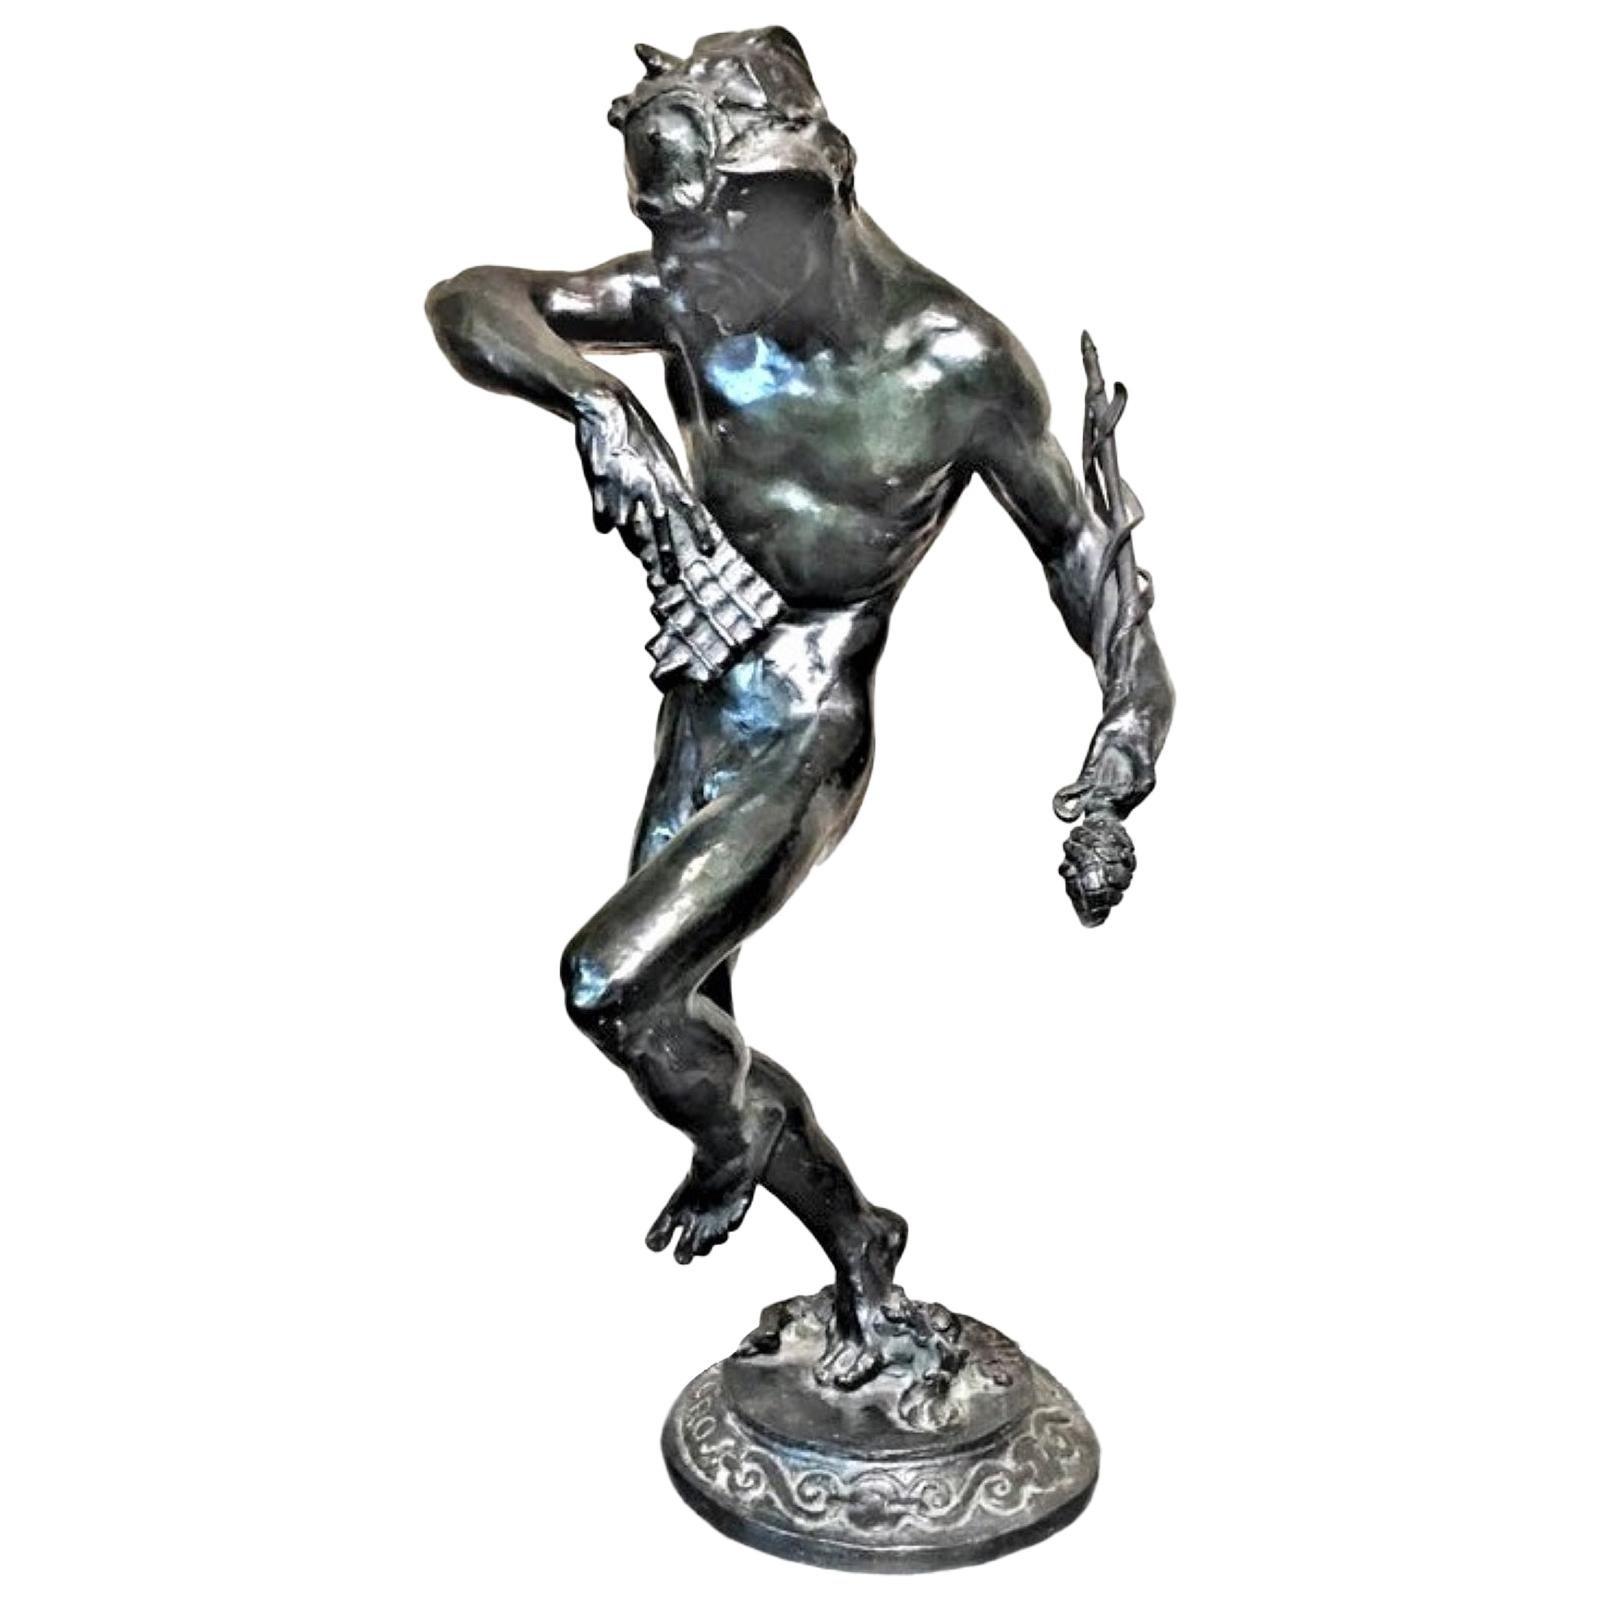 Robert Aitken, A Dance, American Art Deco Patinated Bronze Sculpture circa 1920s